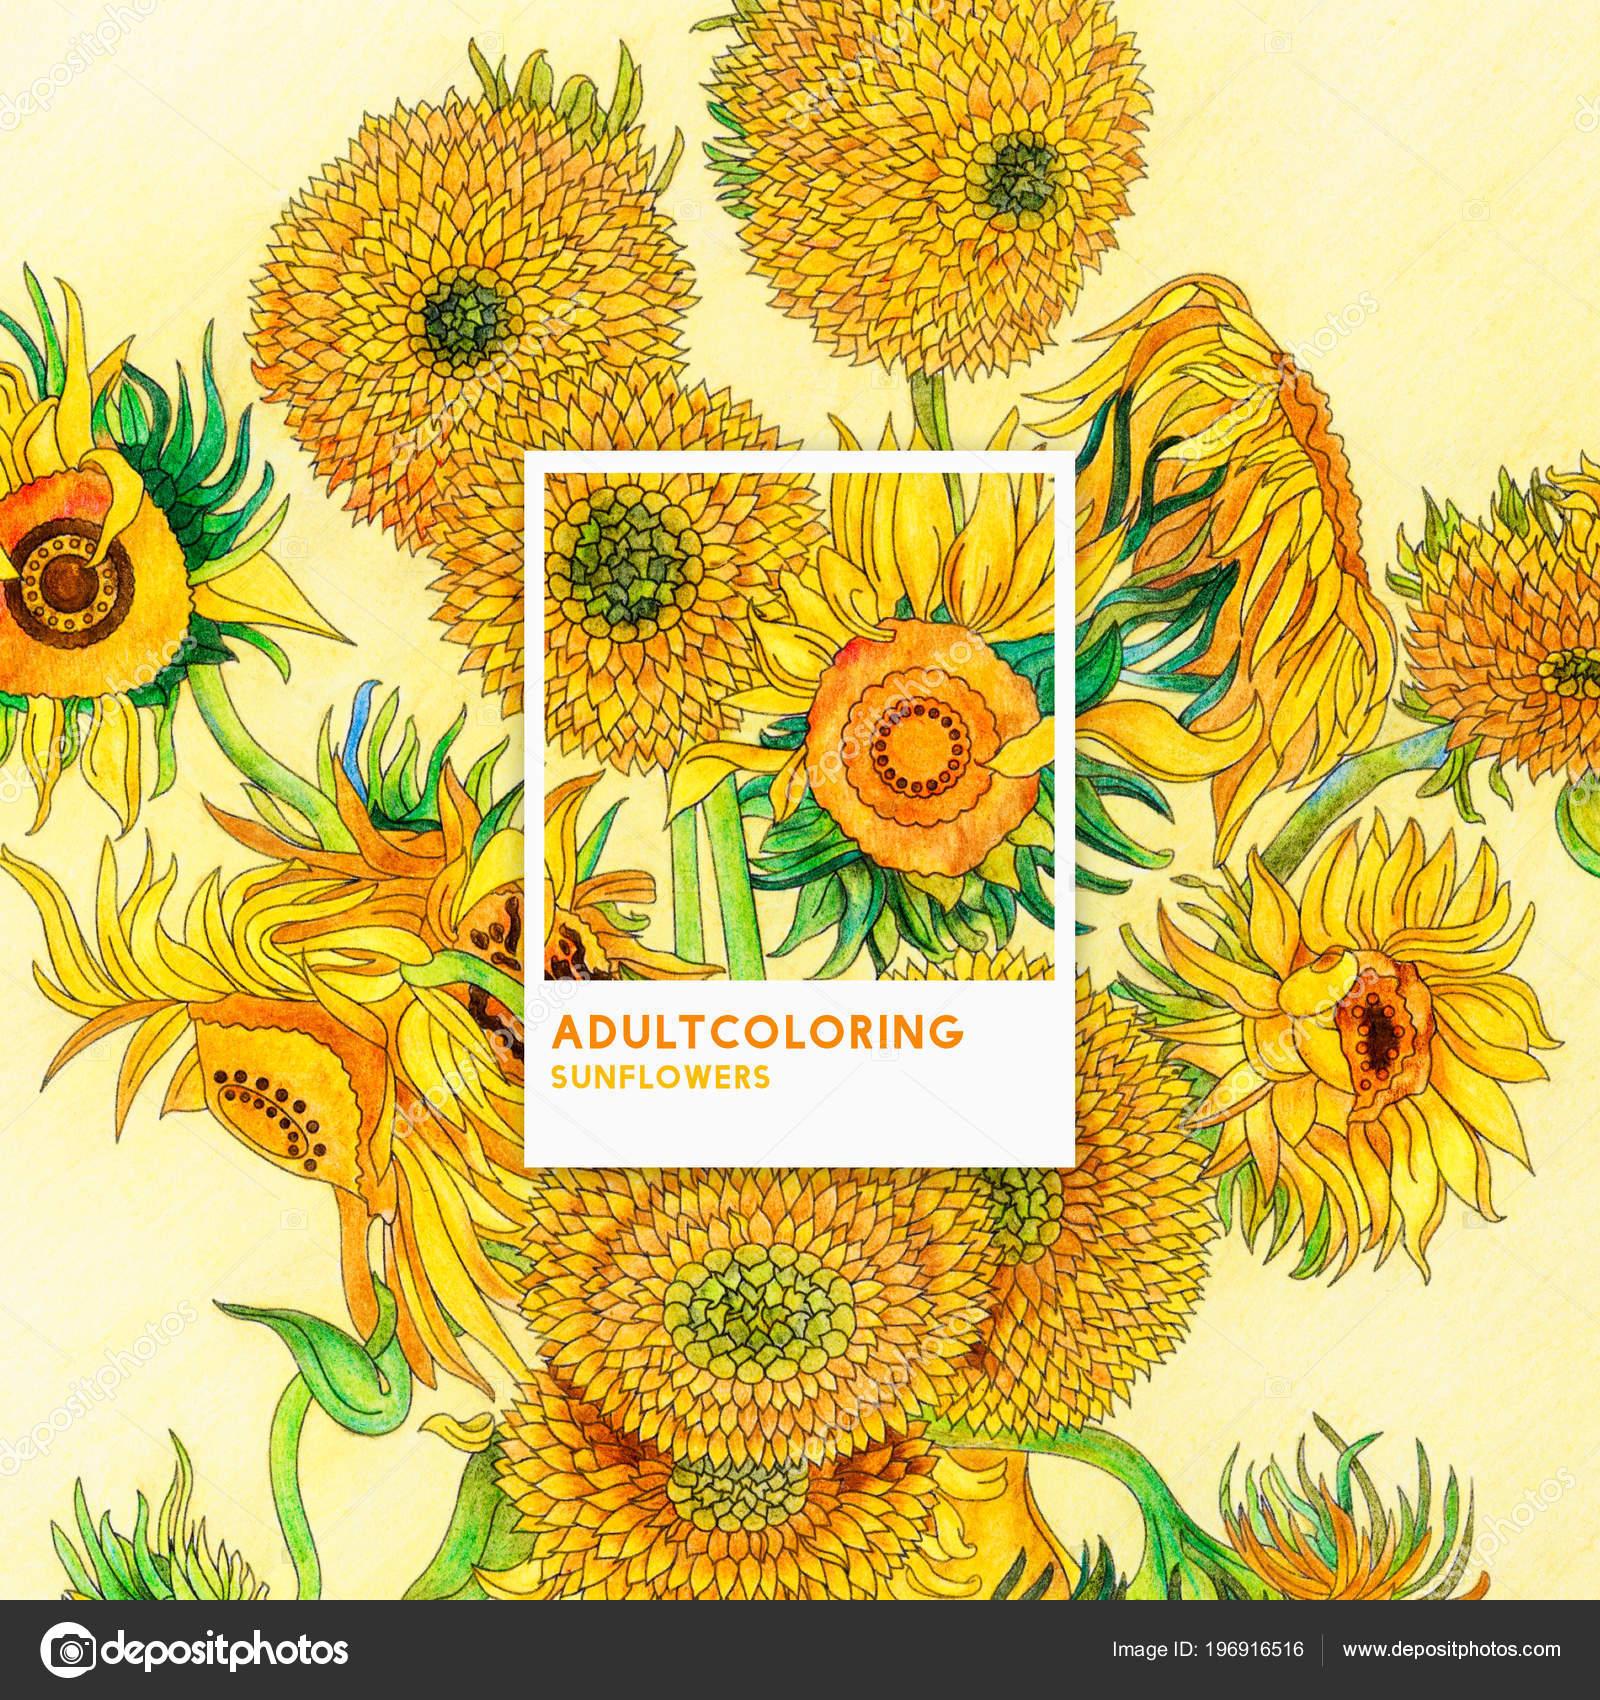 Kleurplaten Zonnebloemen.Zonnebloemen 1889 Van Vincent Van Gogh Volwassen Kleurplaat